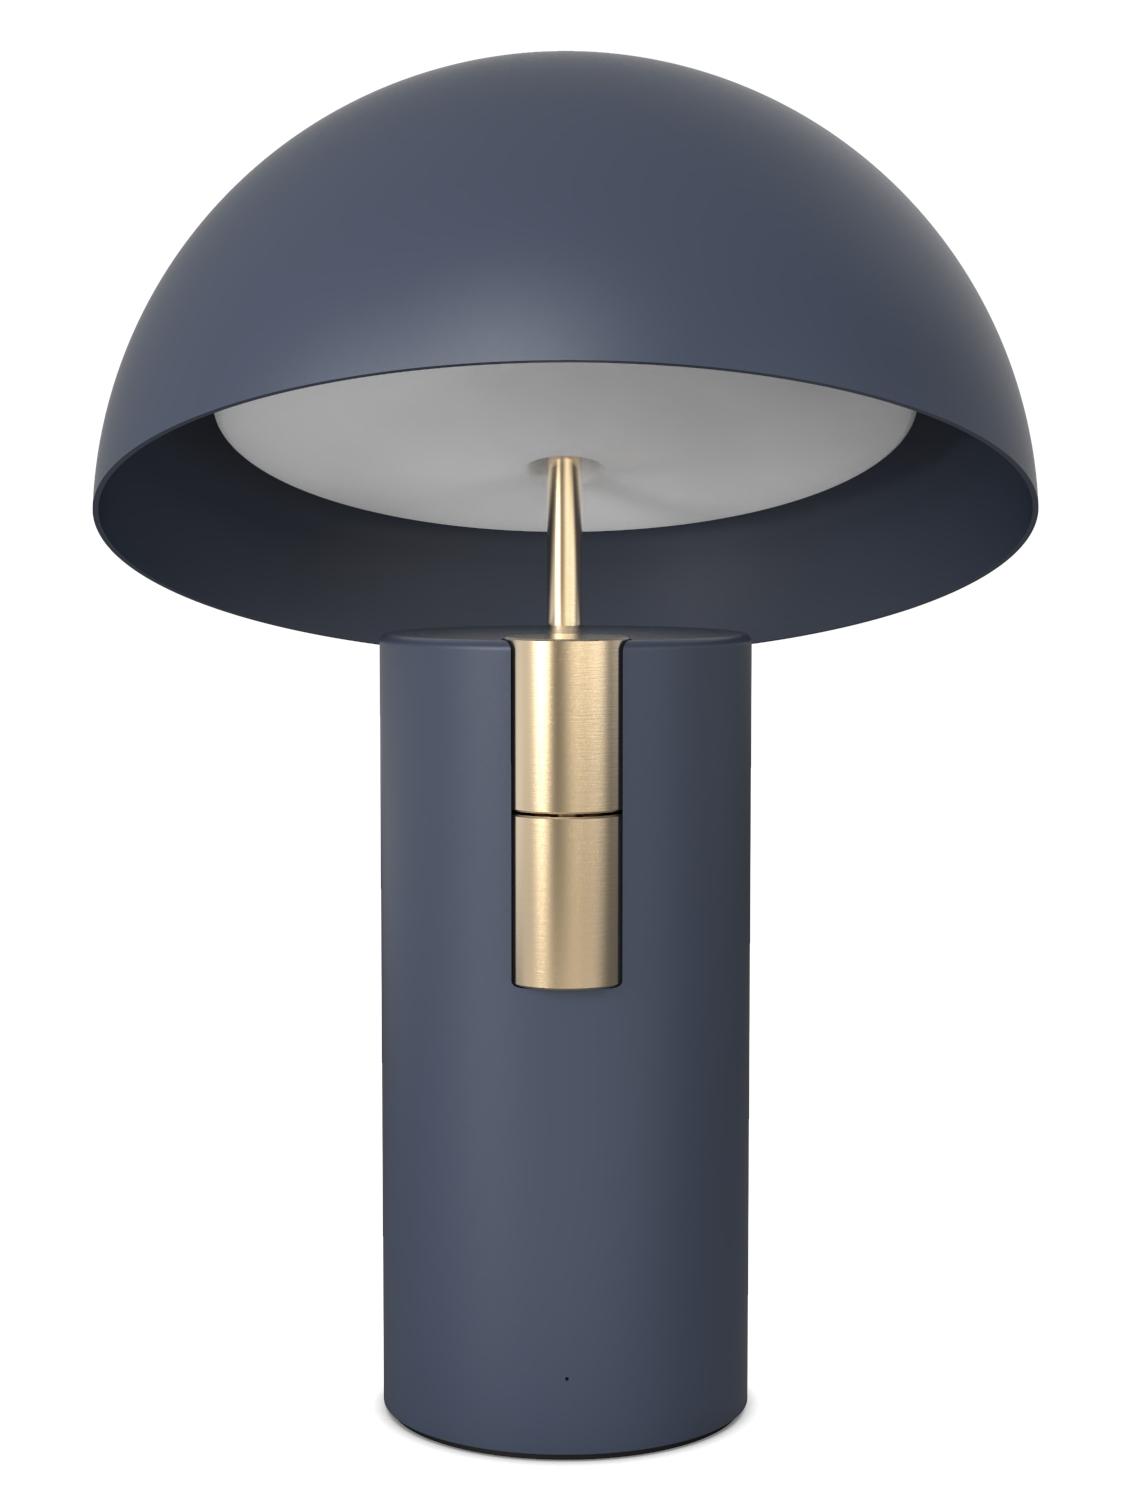 Alto - Bedside lamp - Les mots bleus - Jaune Fabrique